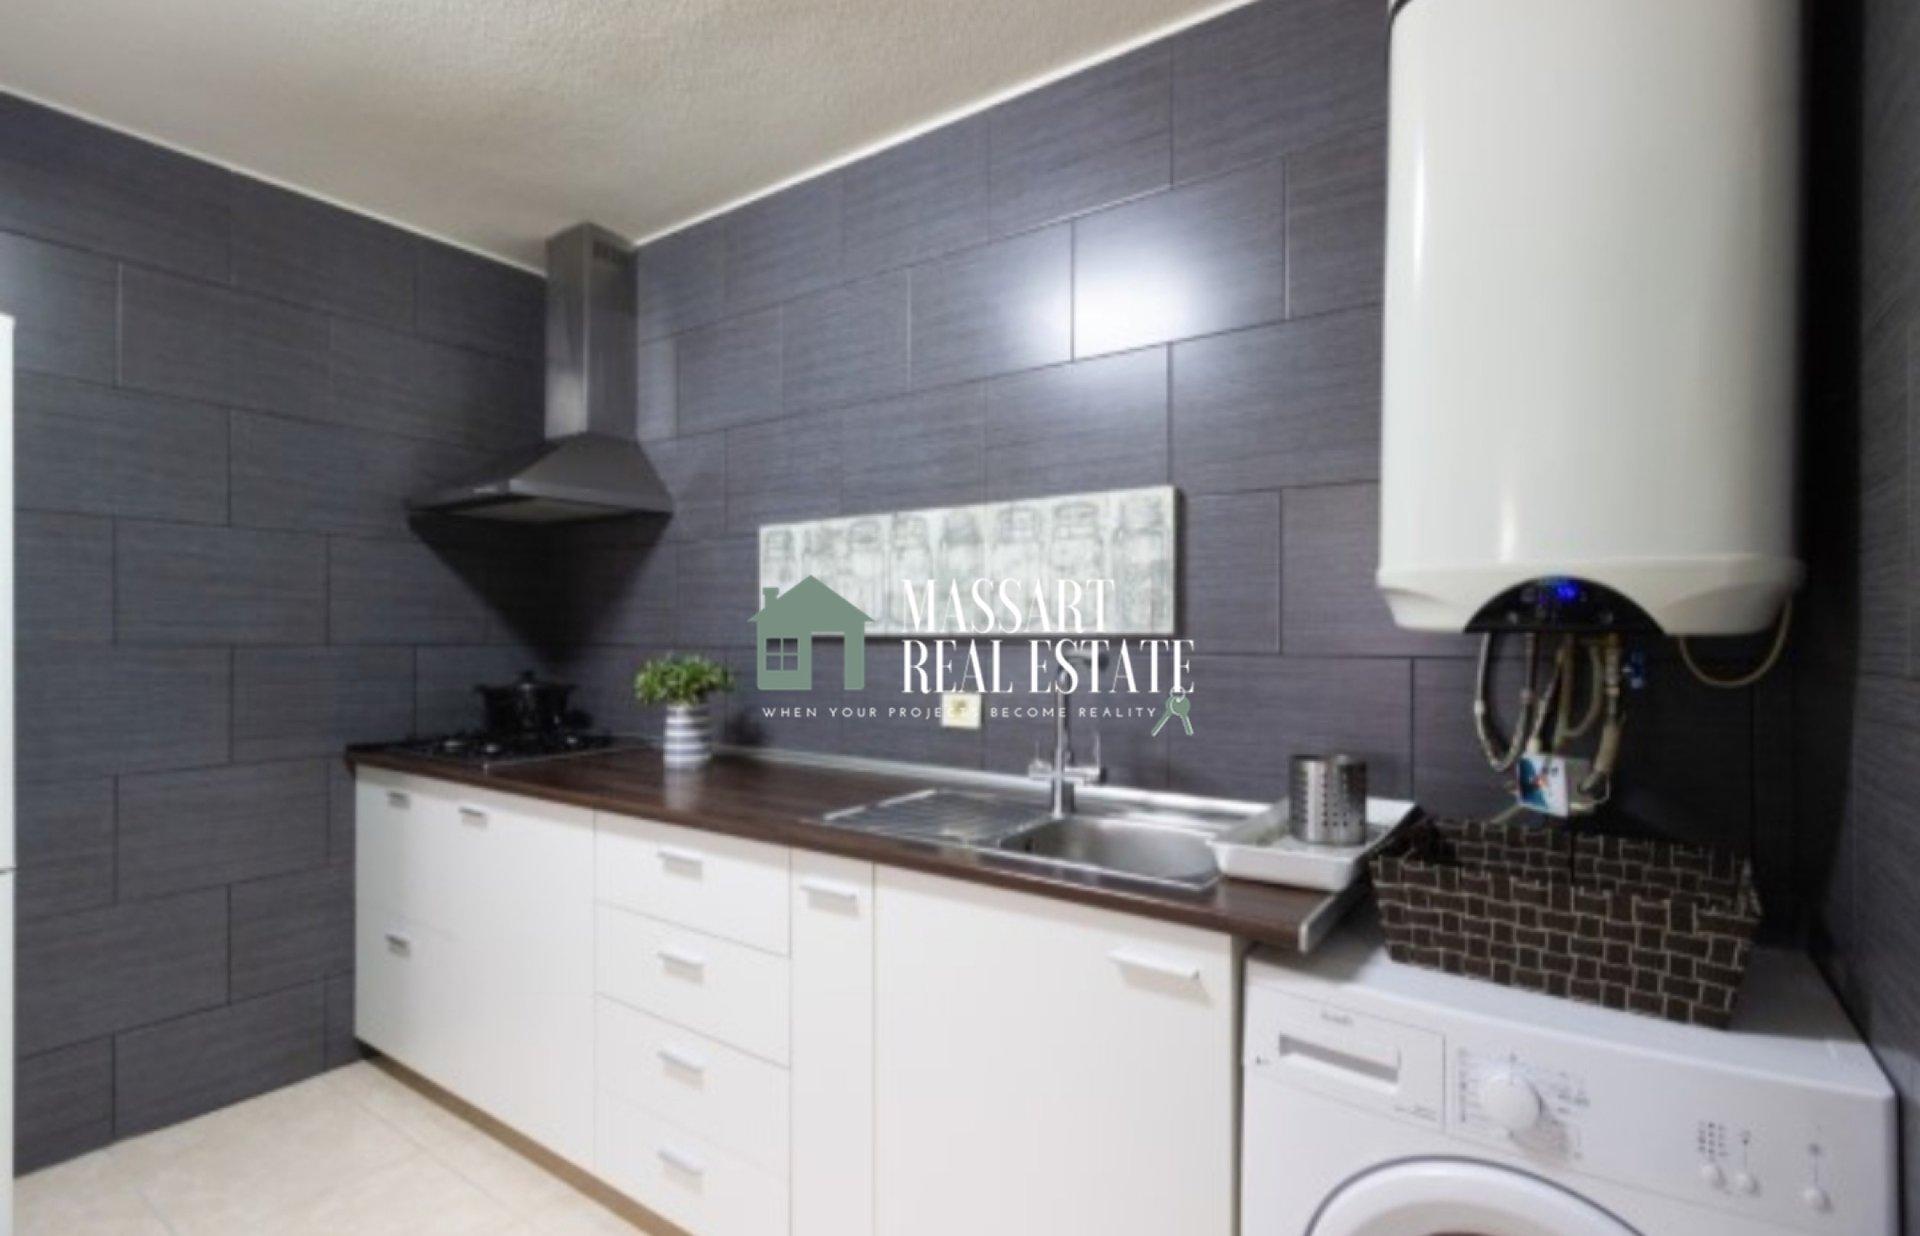 En venta en el el casco urbano de Adeje, apartamento recién reformado de 56 m2.